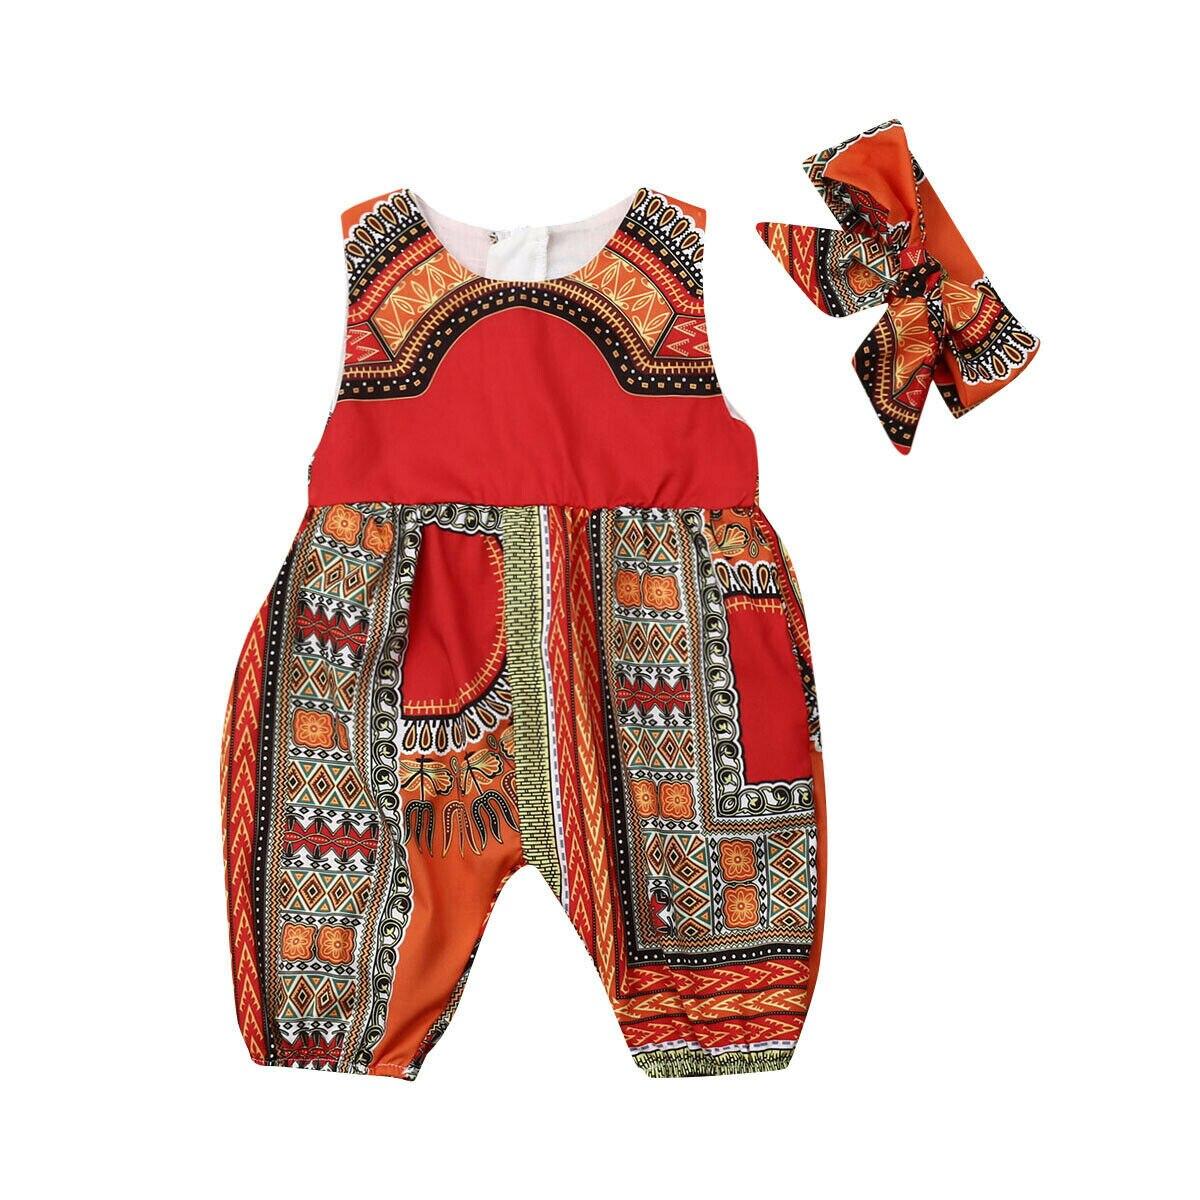 2019 Neue Stil Afrikanischen Stil Infant Neugeborenes Baby Mädchen Kinder Overall Kleinkind Overall Outfit + Bogen Stirnband KöStlich Im Geschmack